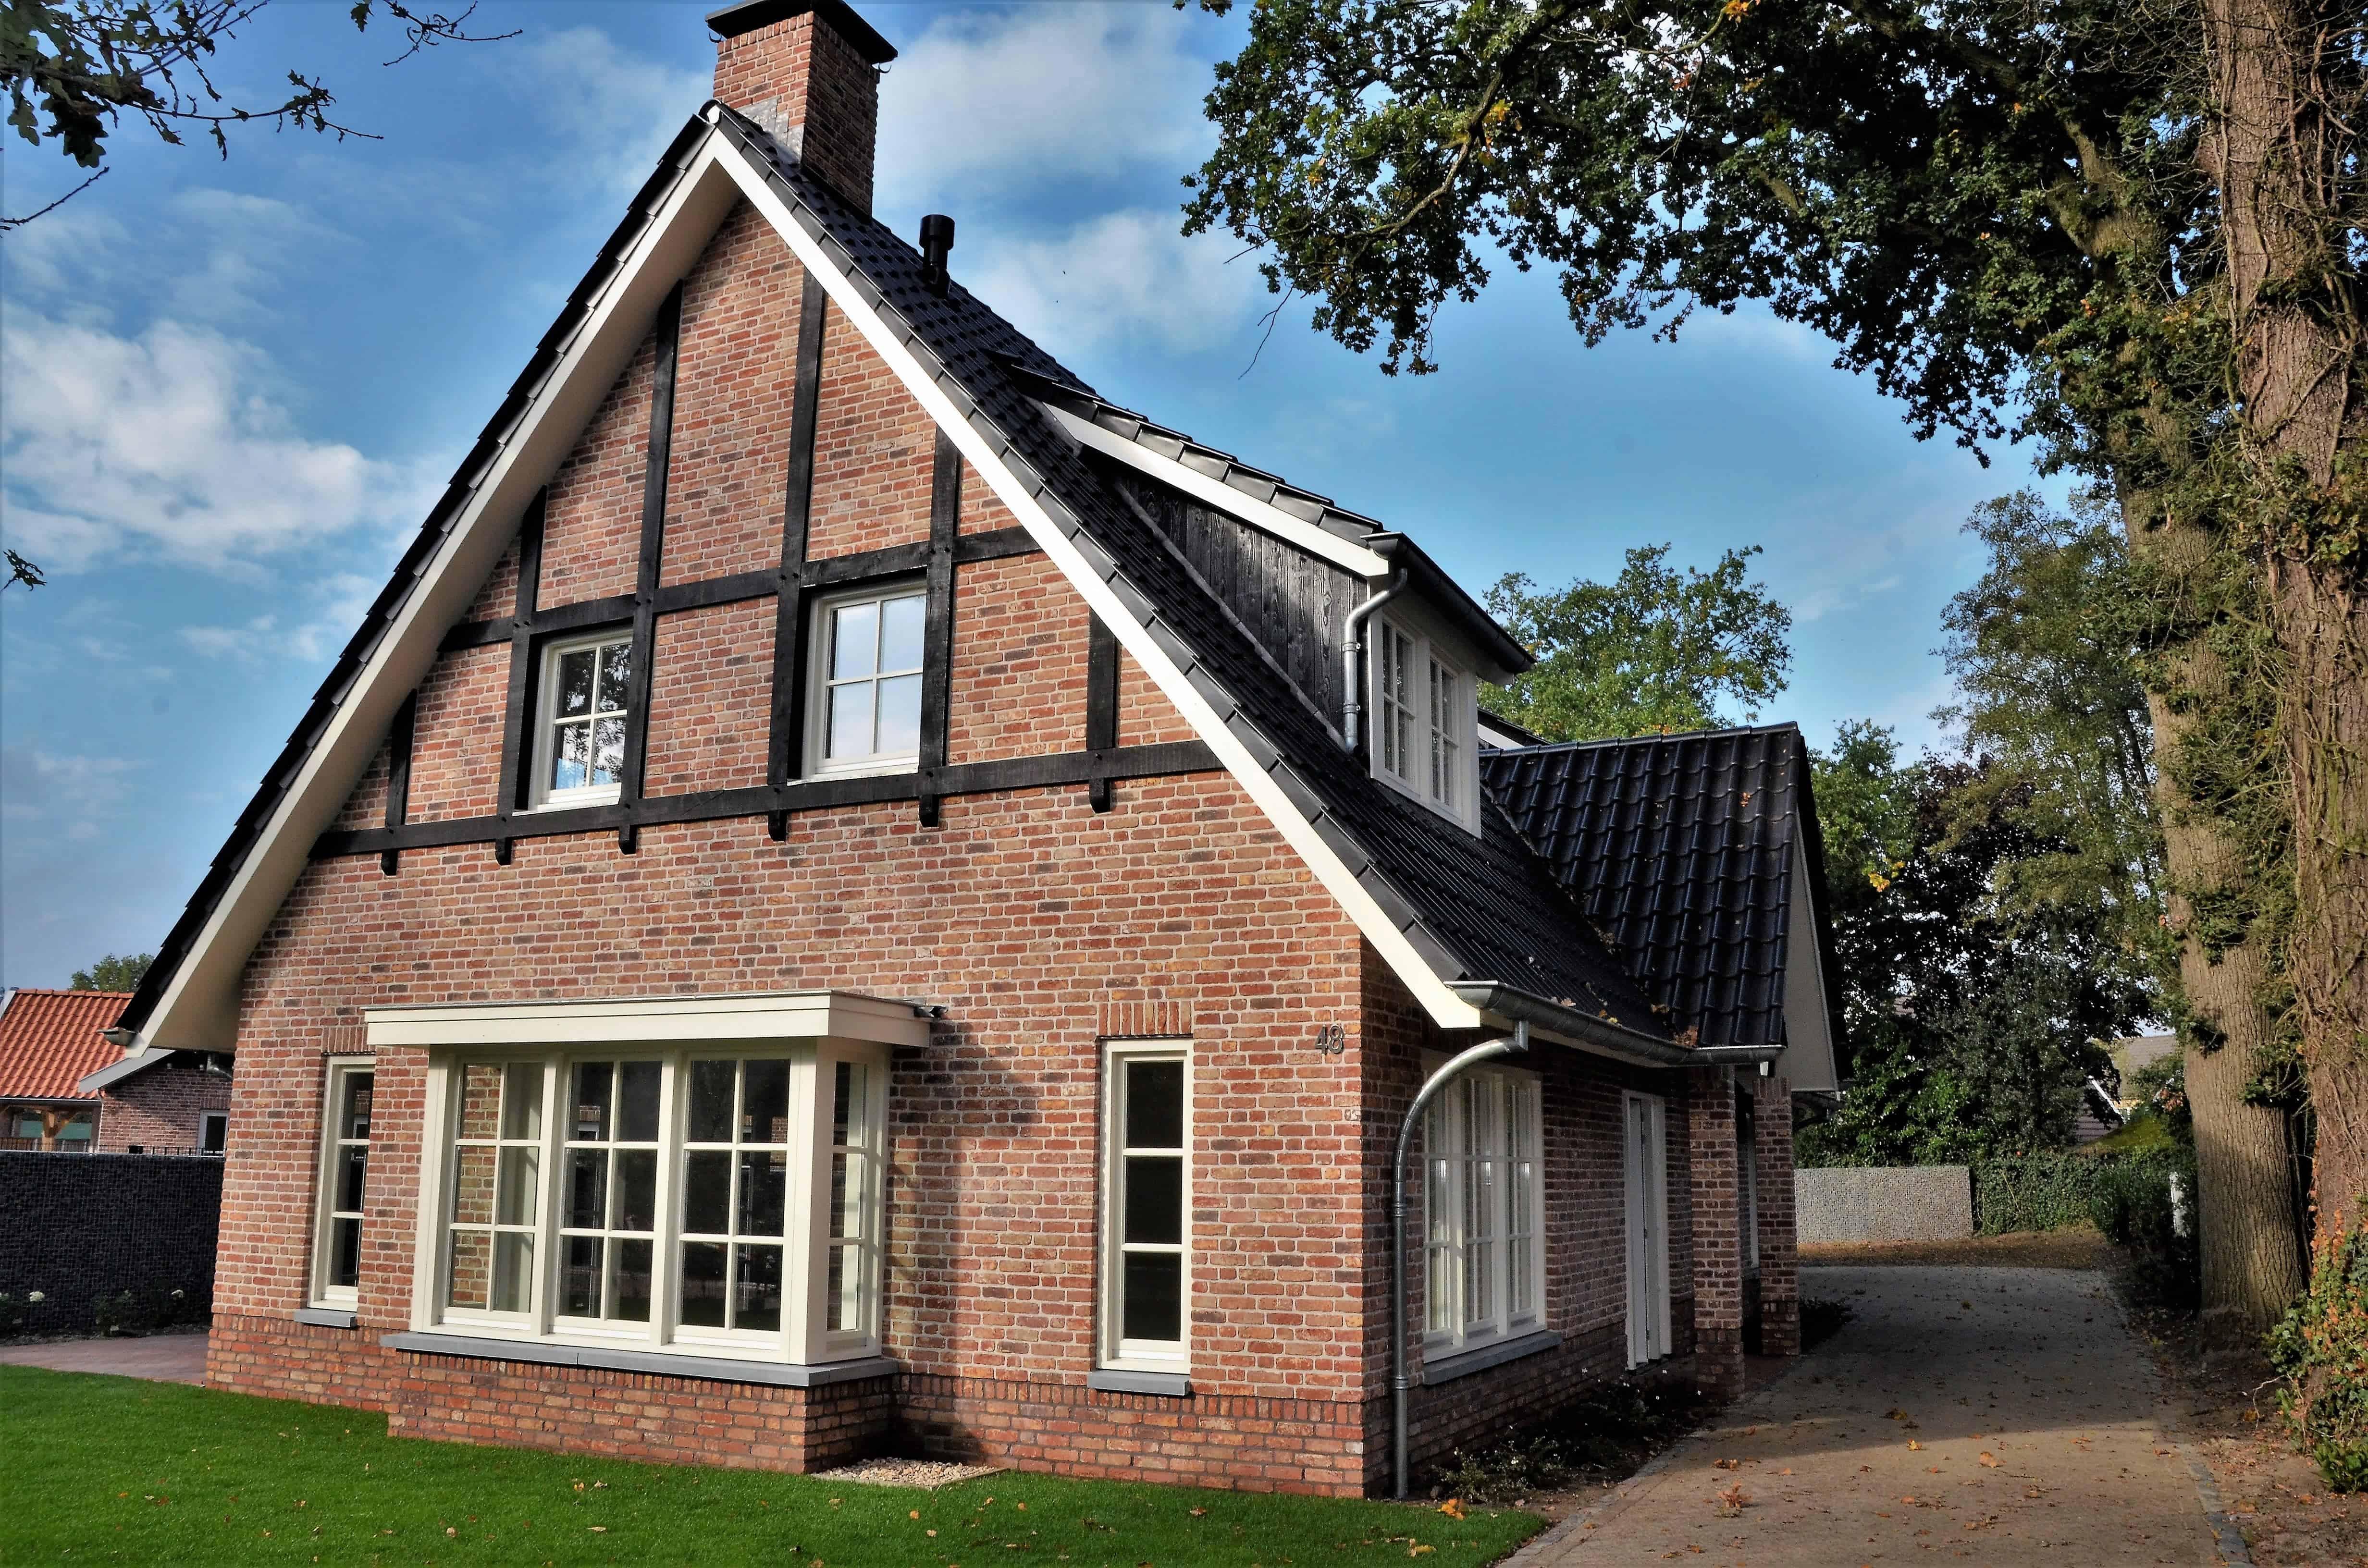 U wilt een huis kopen de keujer makelaars helpt u verder for Huiskopen nl